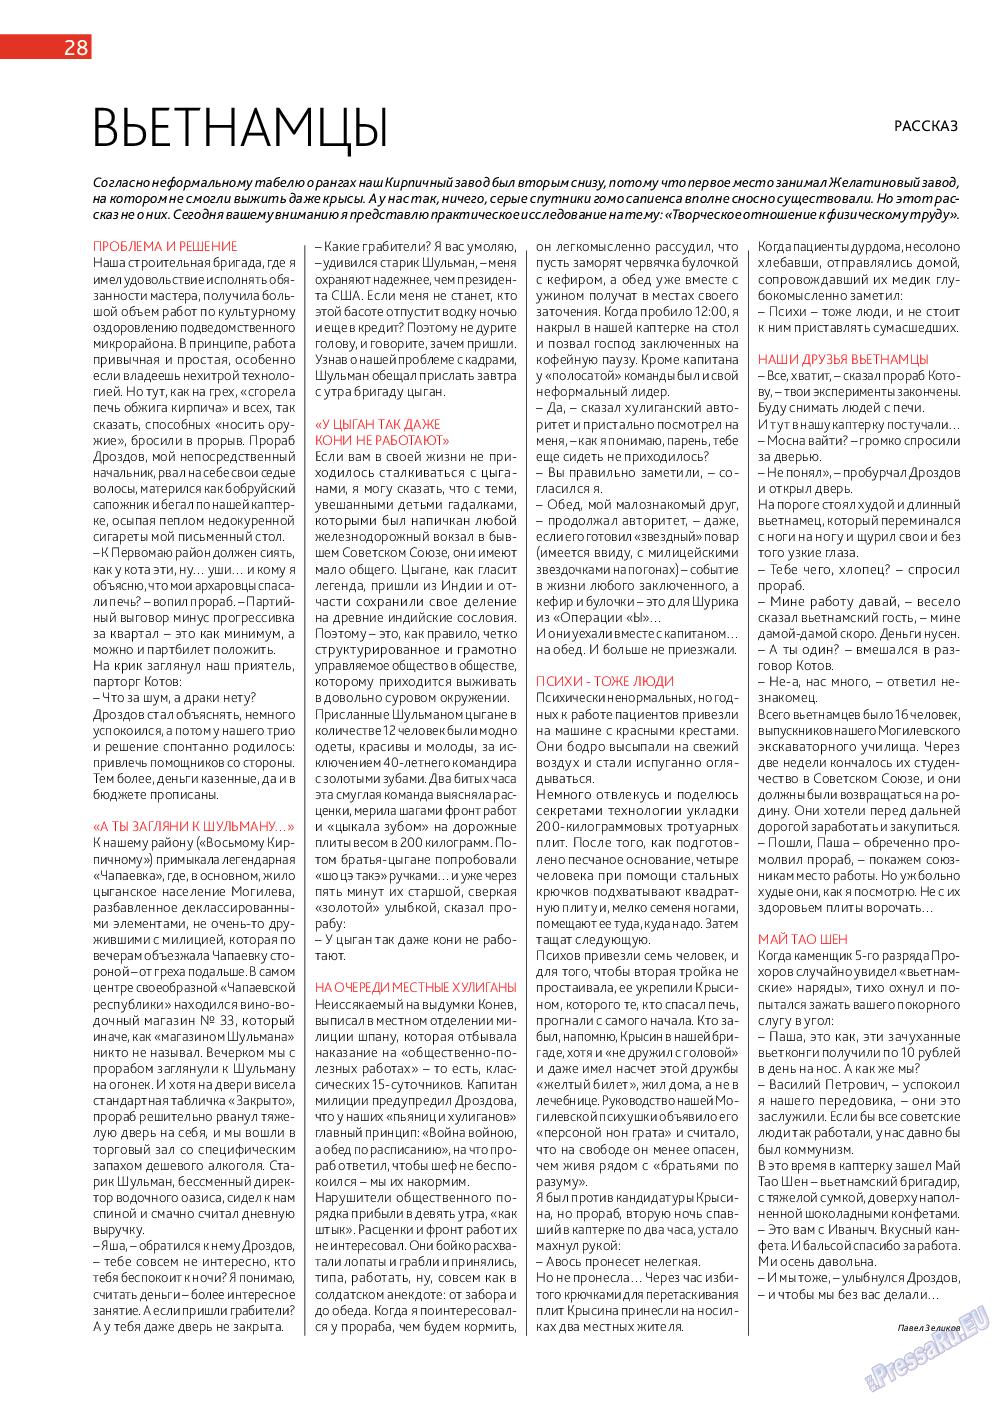 Афиша Augsburg (журнал). 2014 год, номер 6, стр. 28